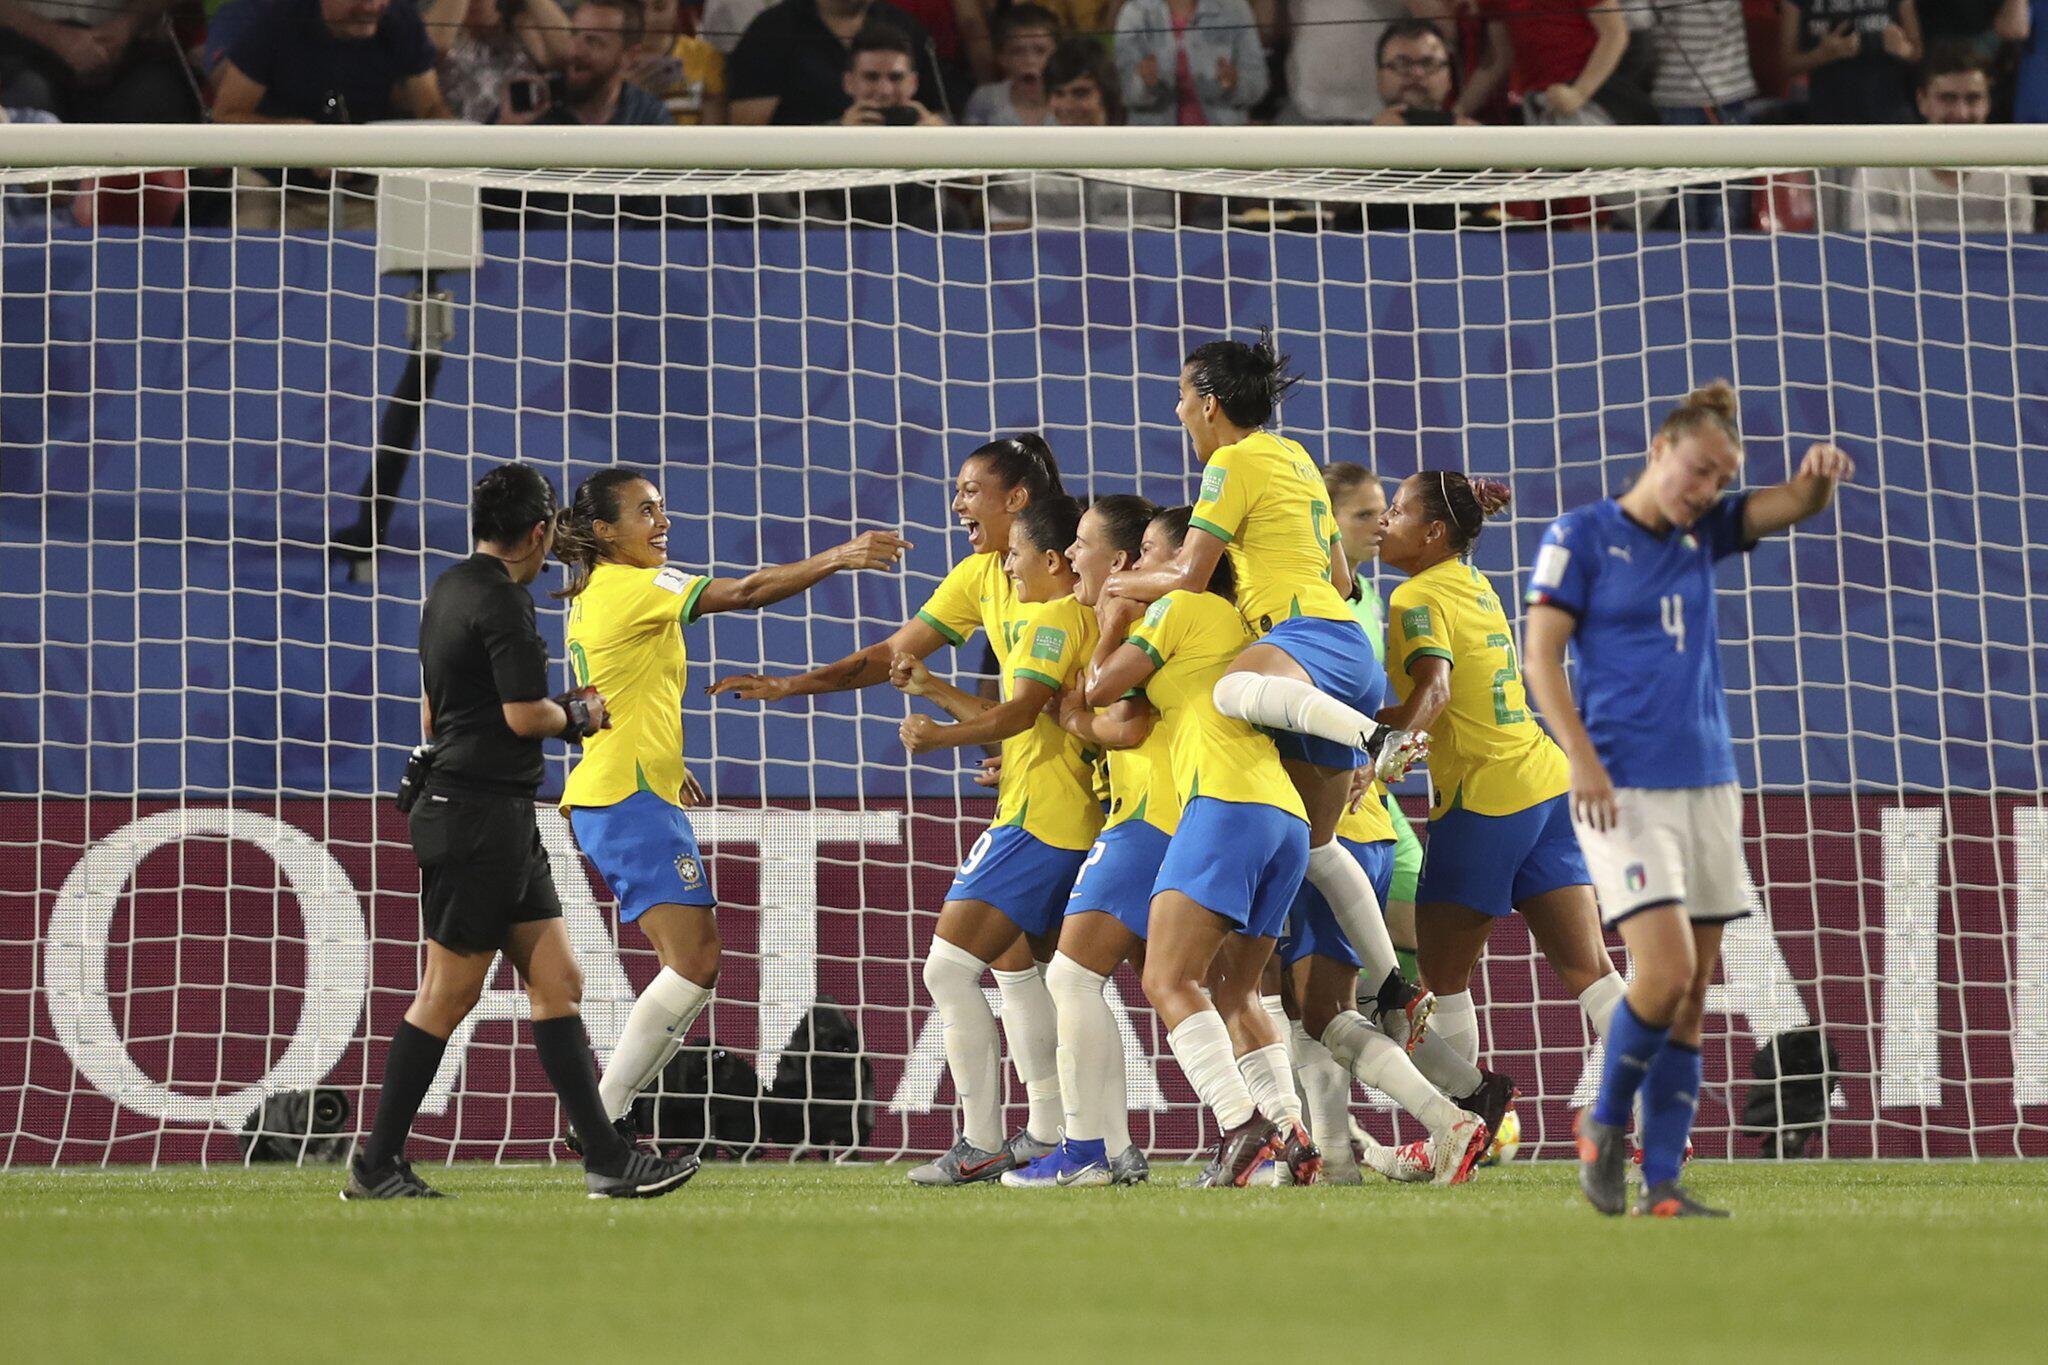 Bild zu Frauenfussball-WM -Italien - Brasilien